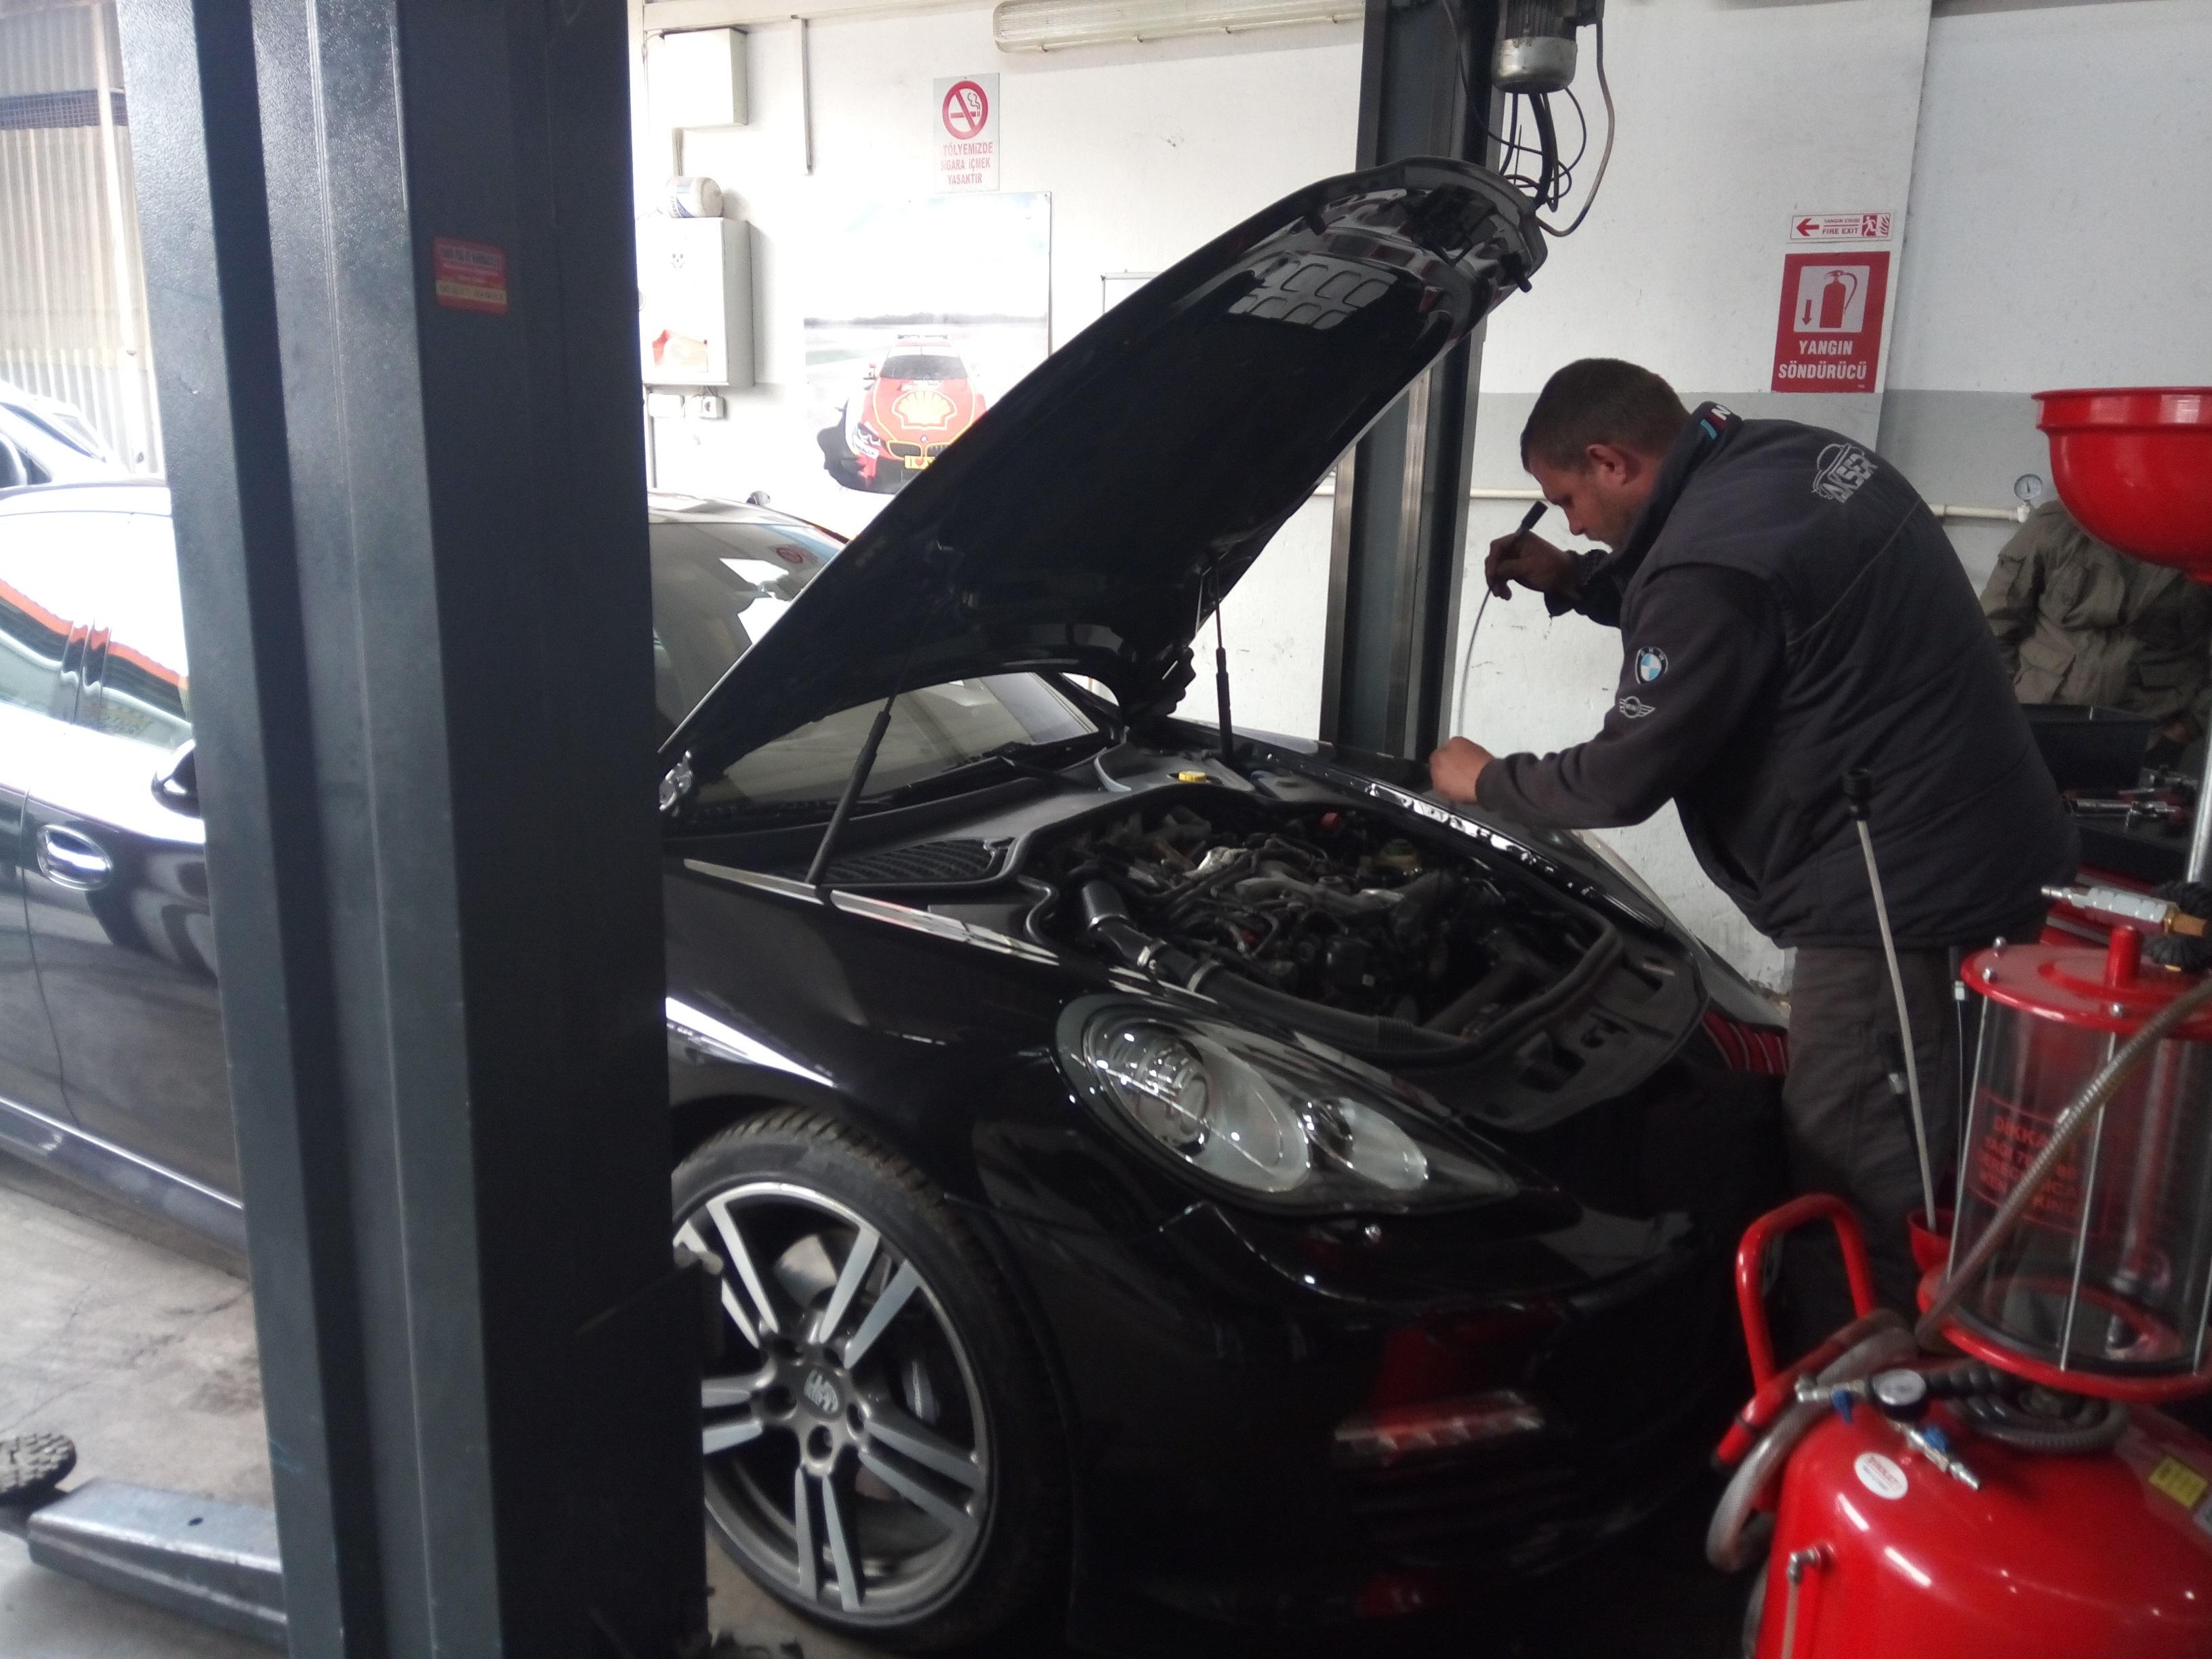 İzmir Porsche Panamera Mekanik Onarım, Triger Seti Değişimi, Enjektör ve Pompa Bakım Onarım ve Revizyonu